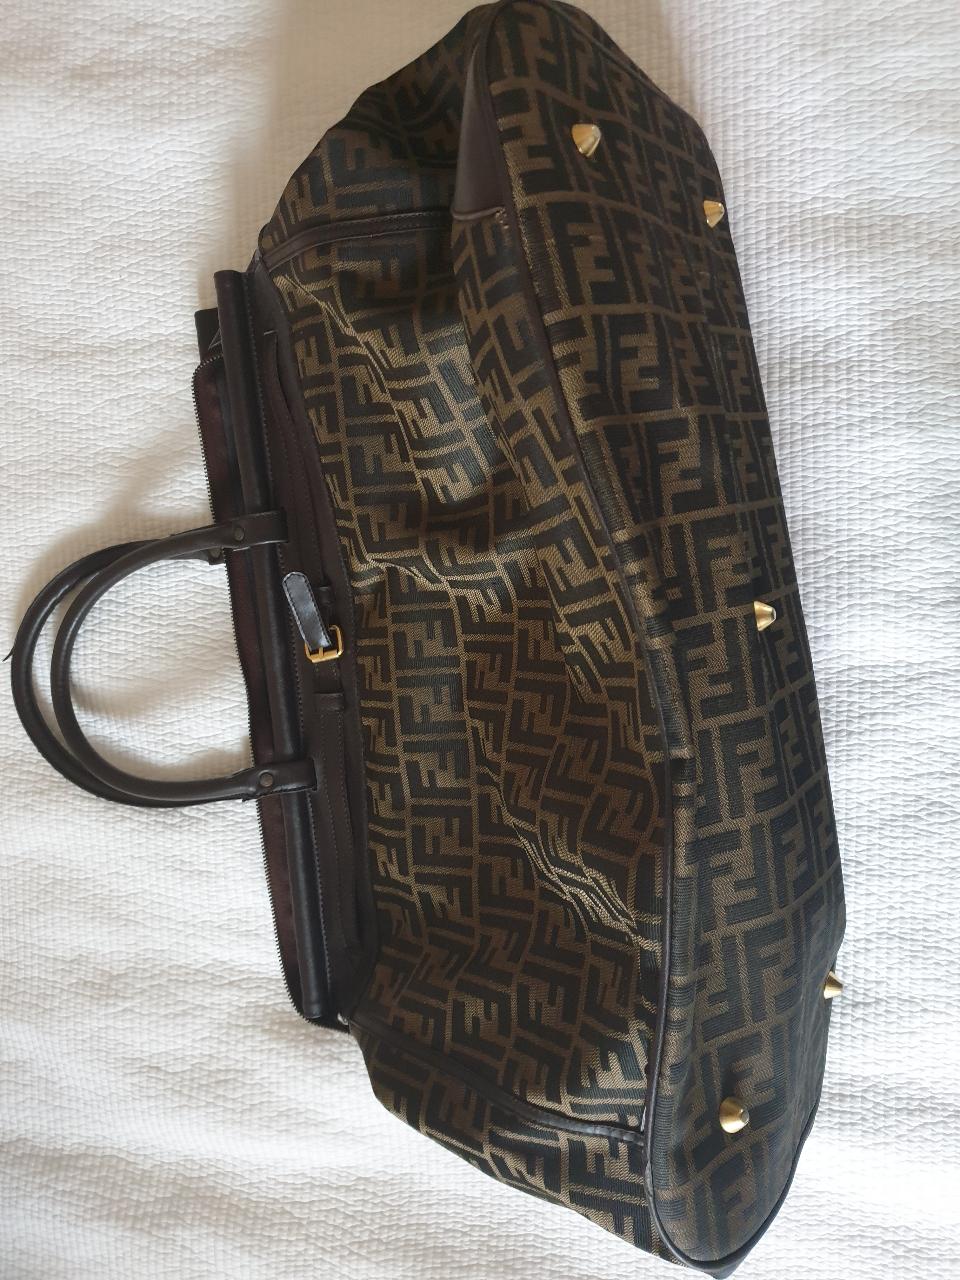 펜디 정품 여행용가방입니다